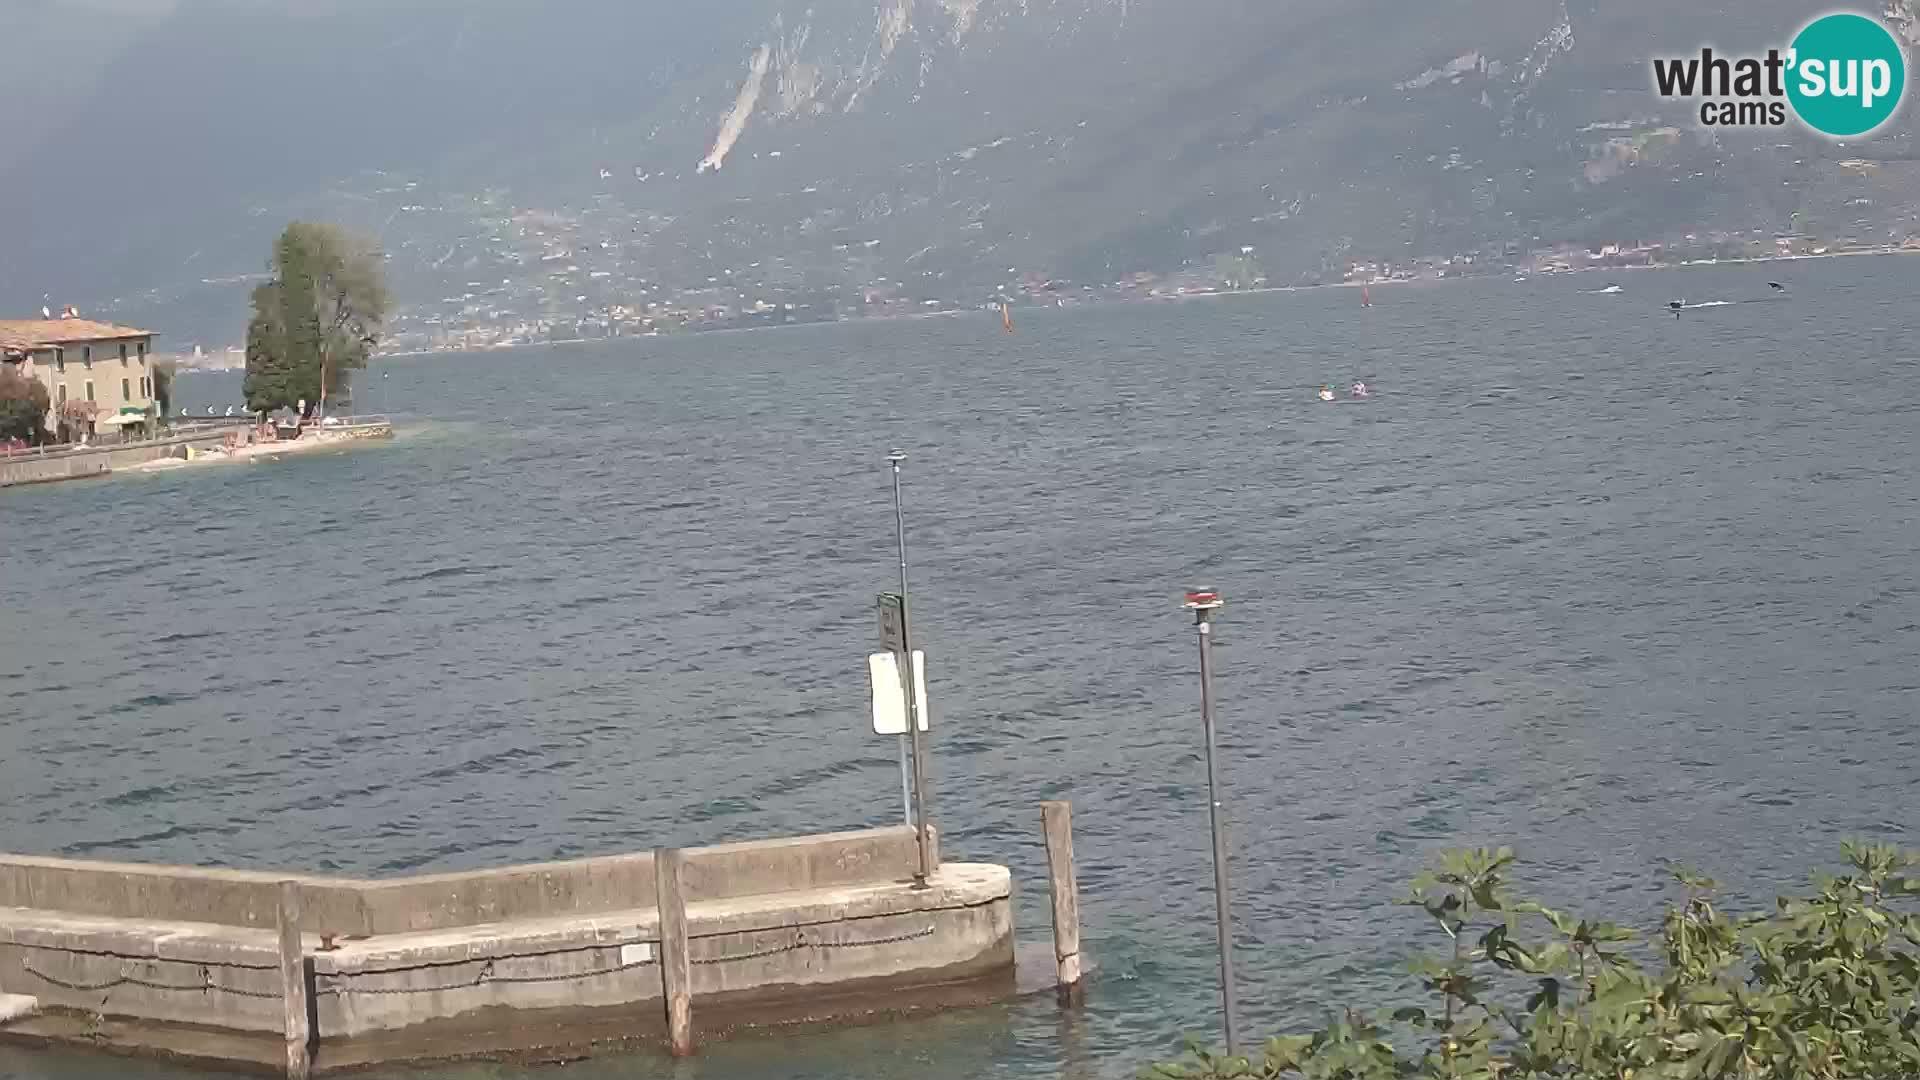 PRA' DE LA FAM – Porto di Tignale – Windsurfer Gardsko jezero